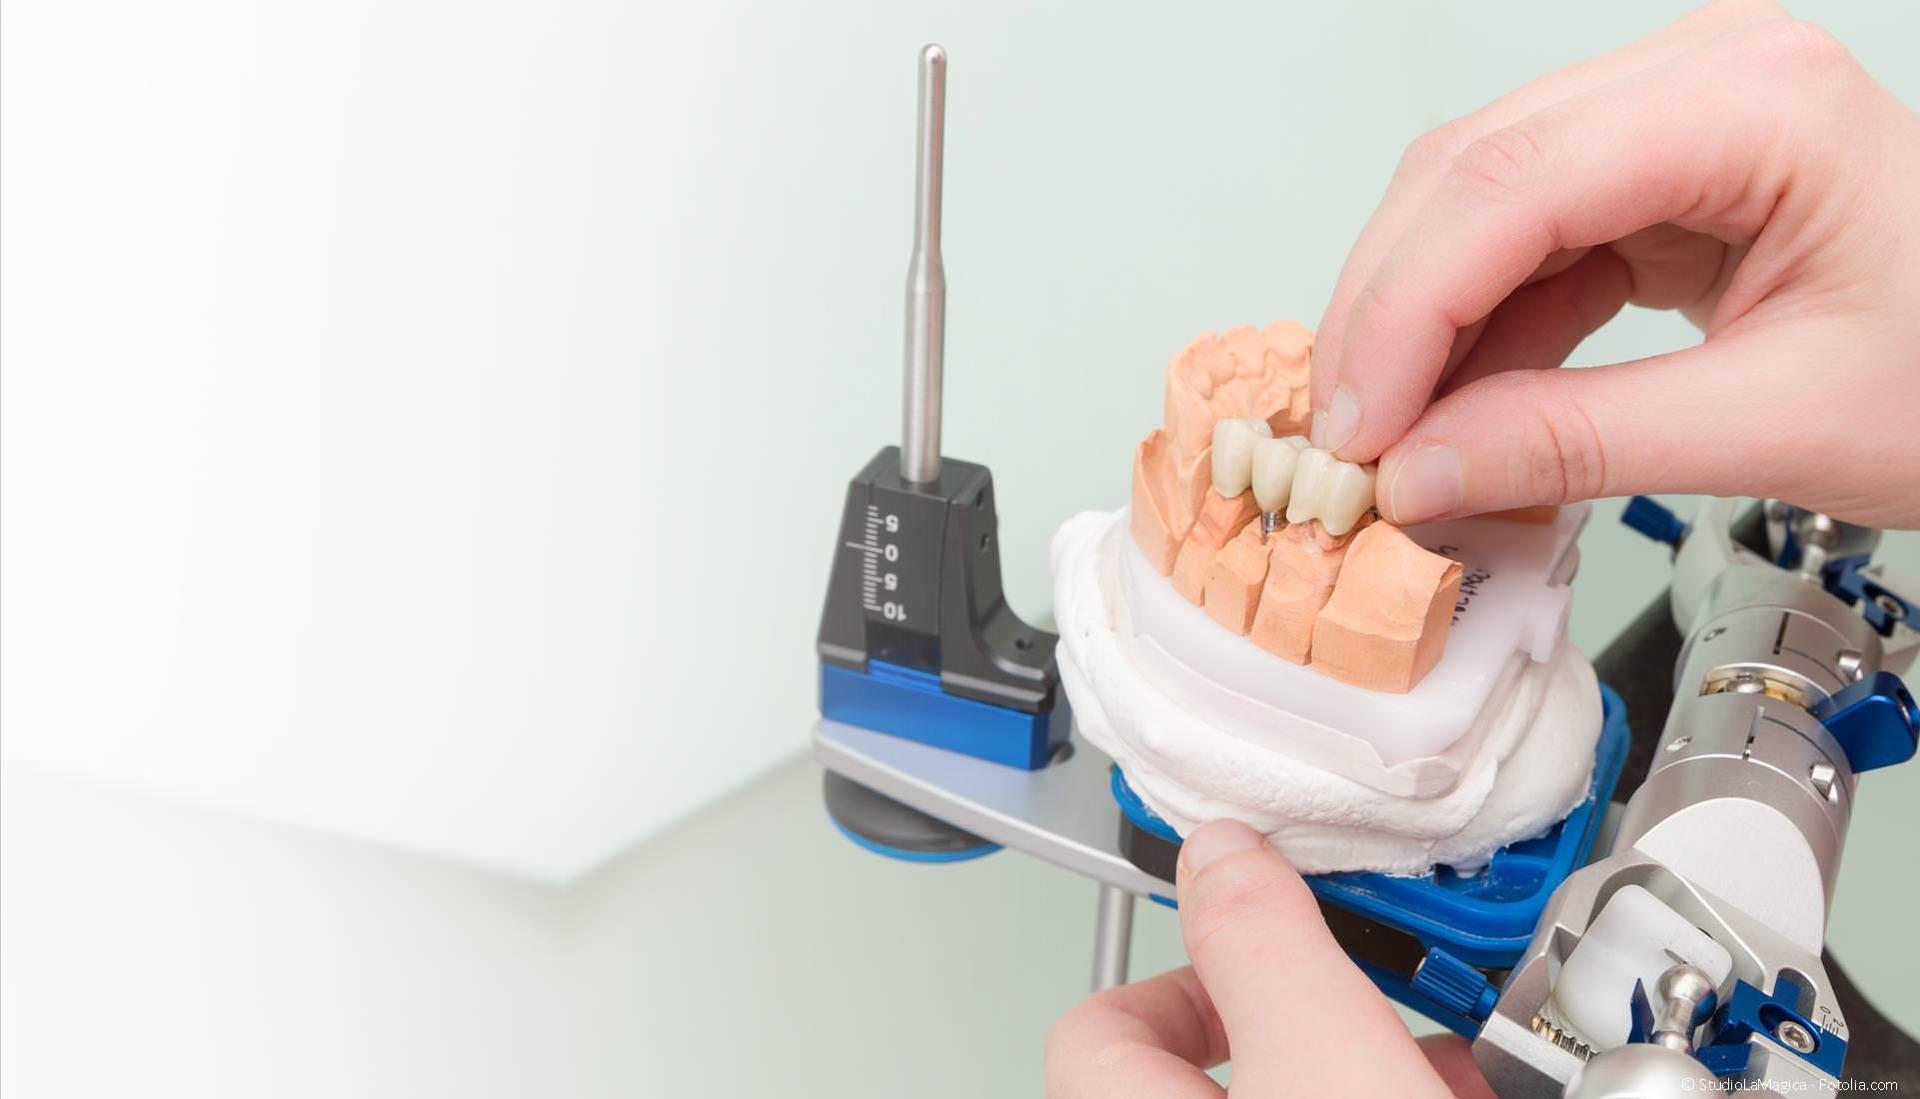 Zahntechnik: Zahnersatz-Herstellung im Dentallabor